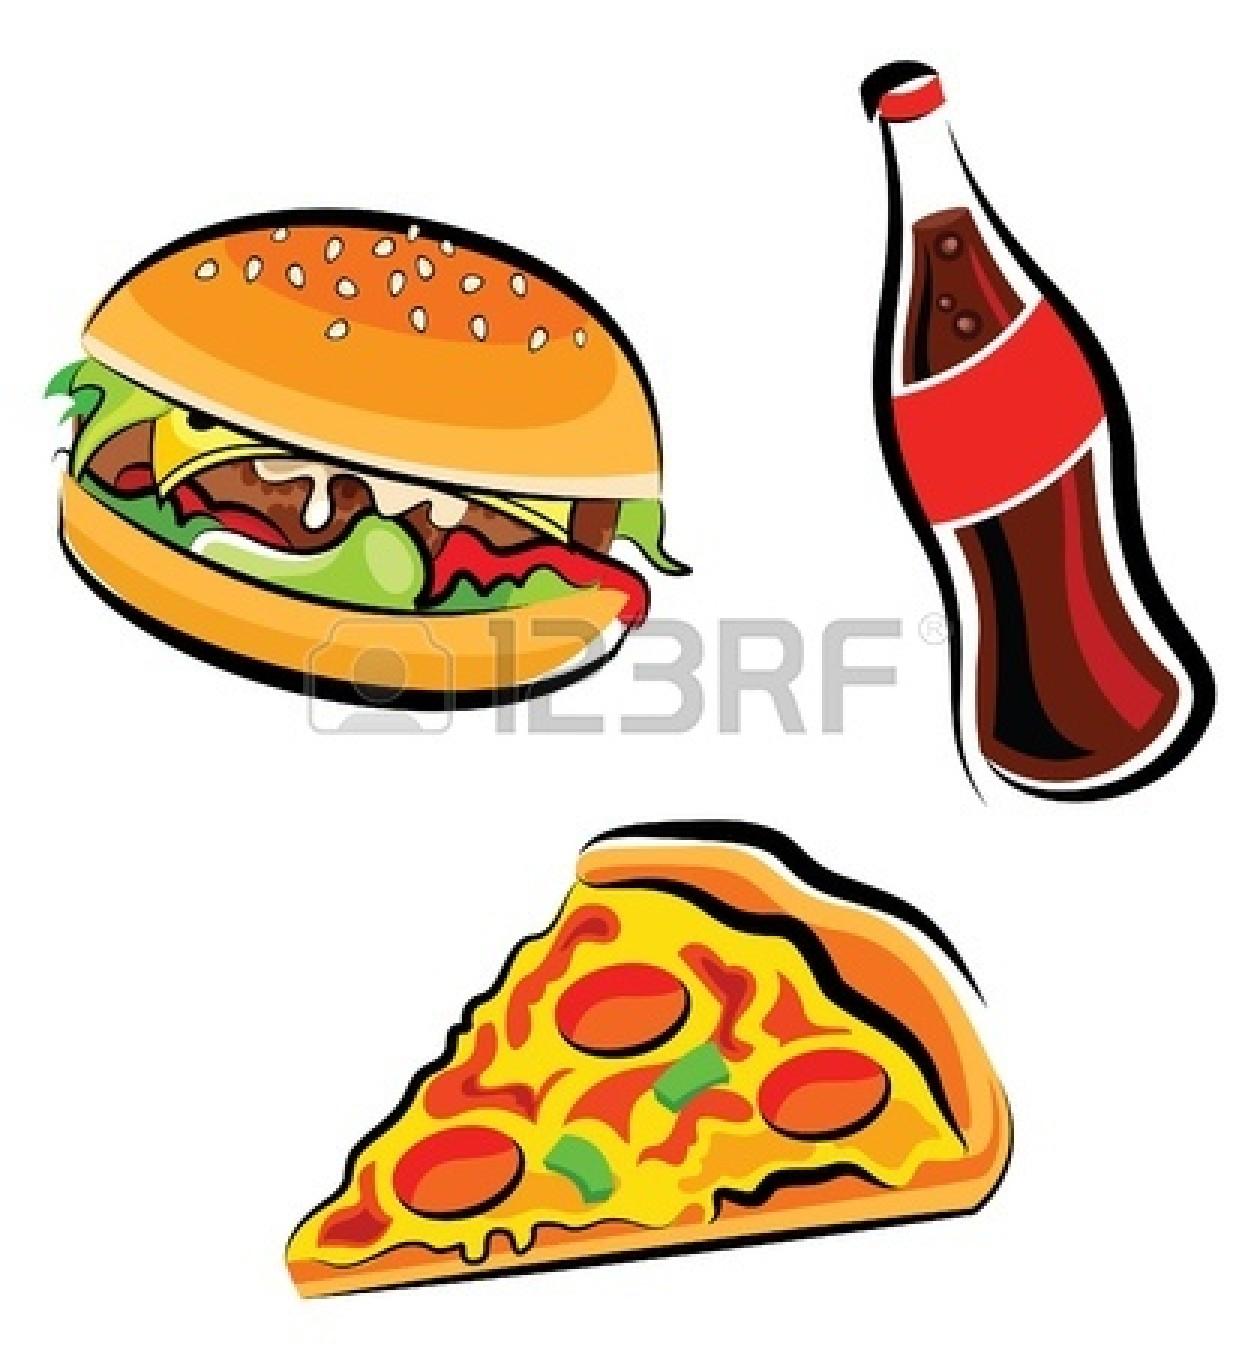 Junk Food Vs Healthy